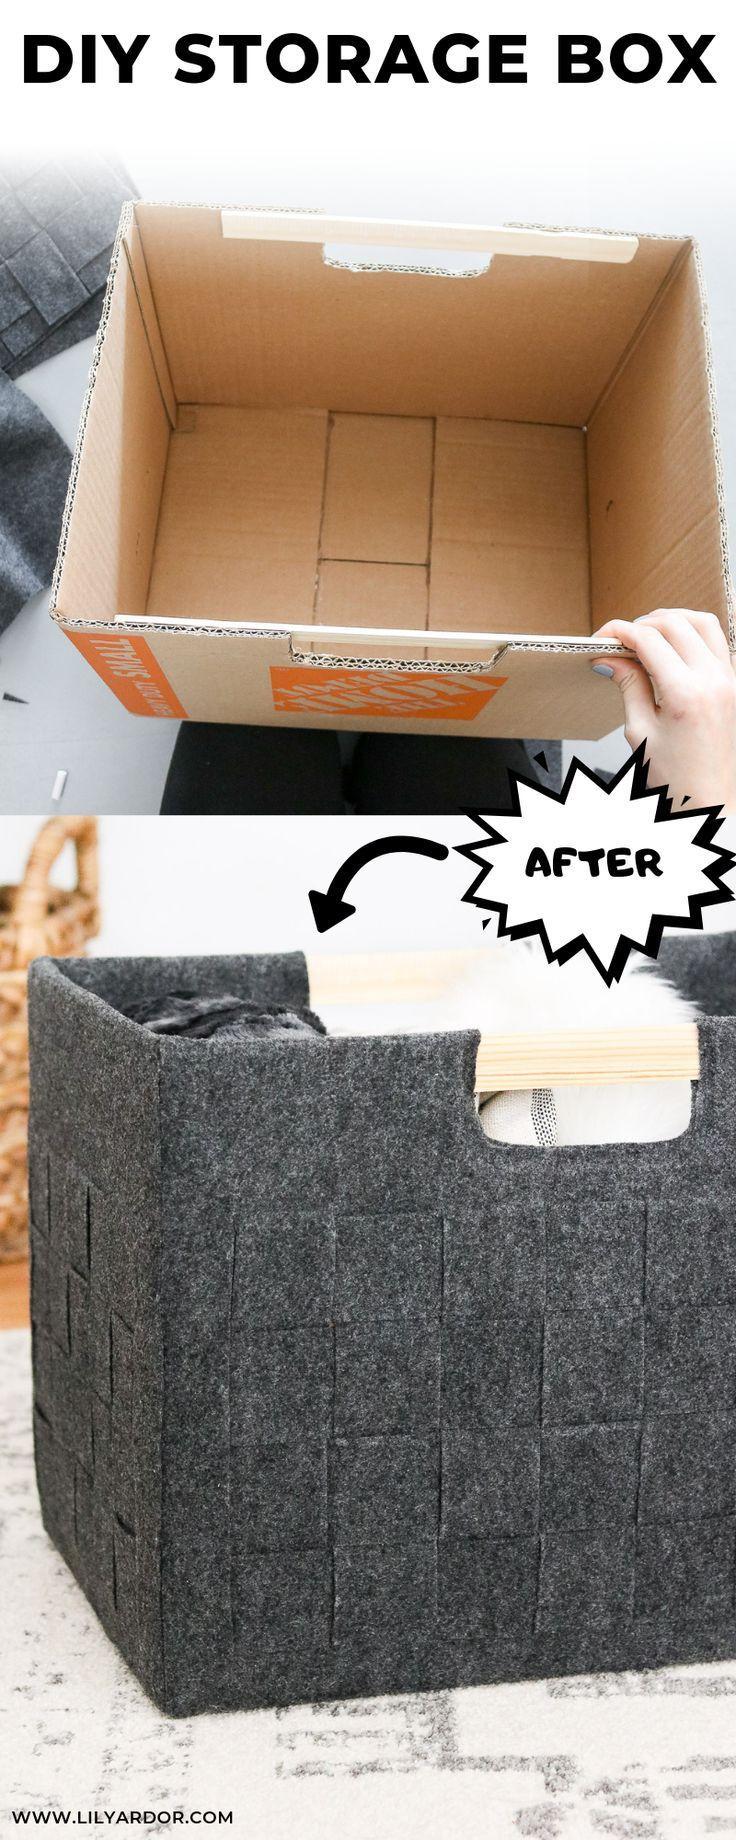 Boite De Rangement Bricolage Dans Une Boite En Carton Carton Diy Diy Rangement Boite En Carton